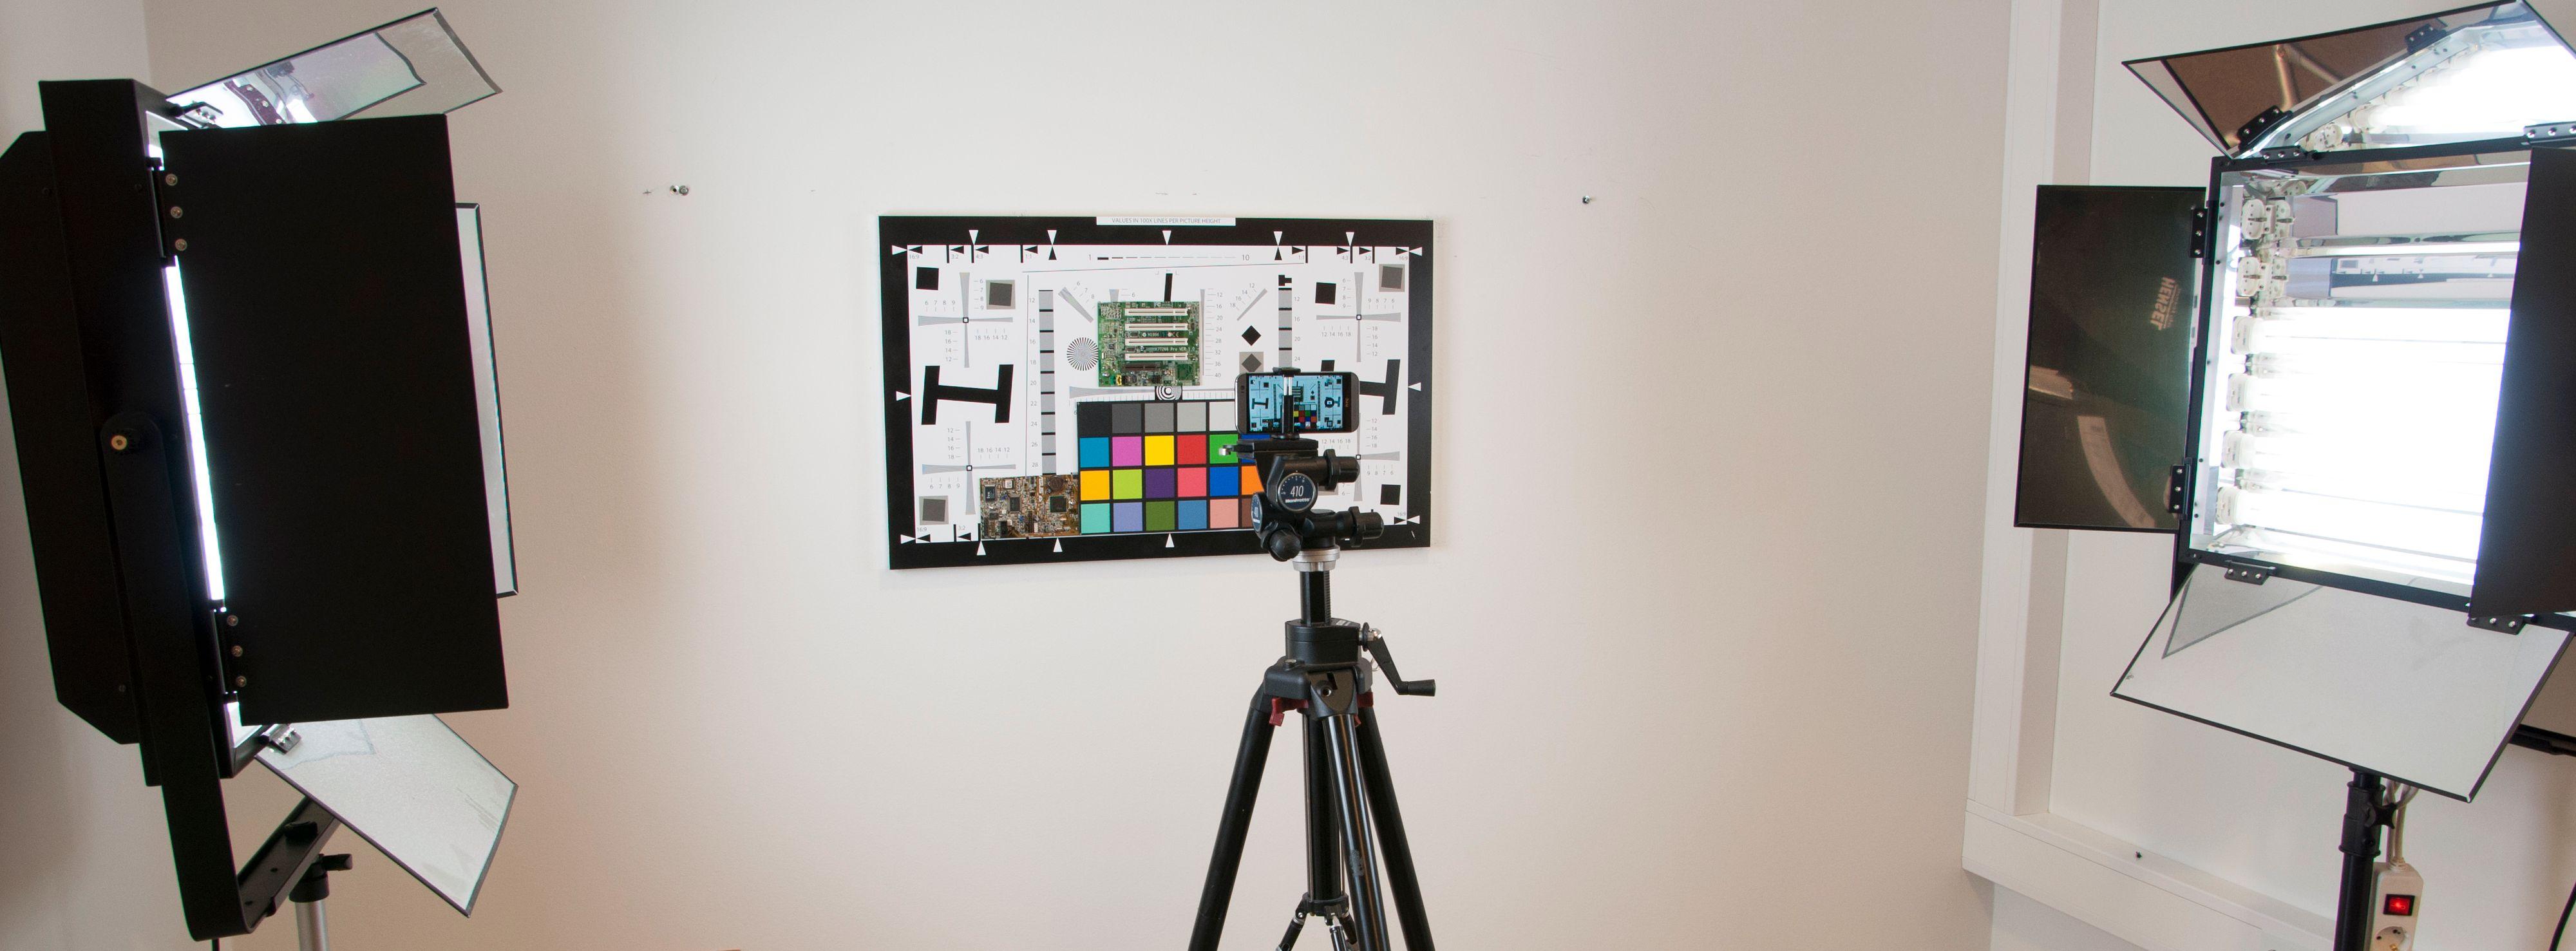 For å få statiske målinger fra telefonene, tok vi bilde av testplansjen vår.